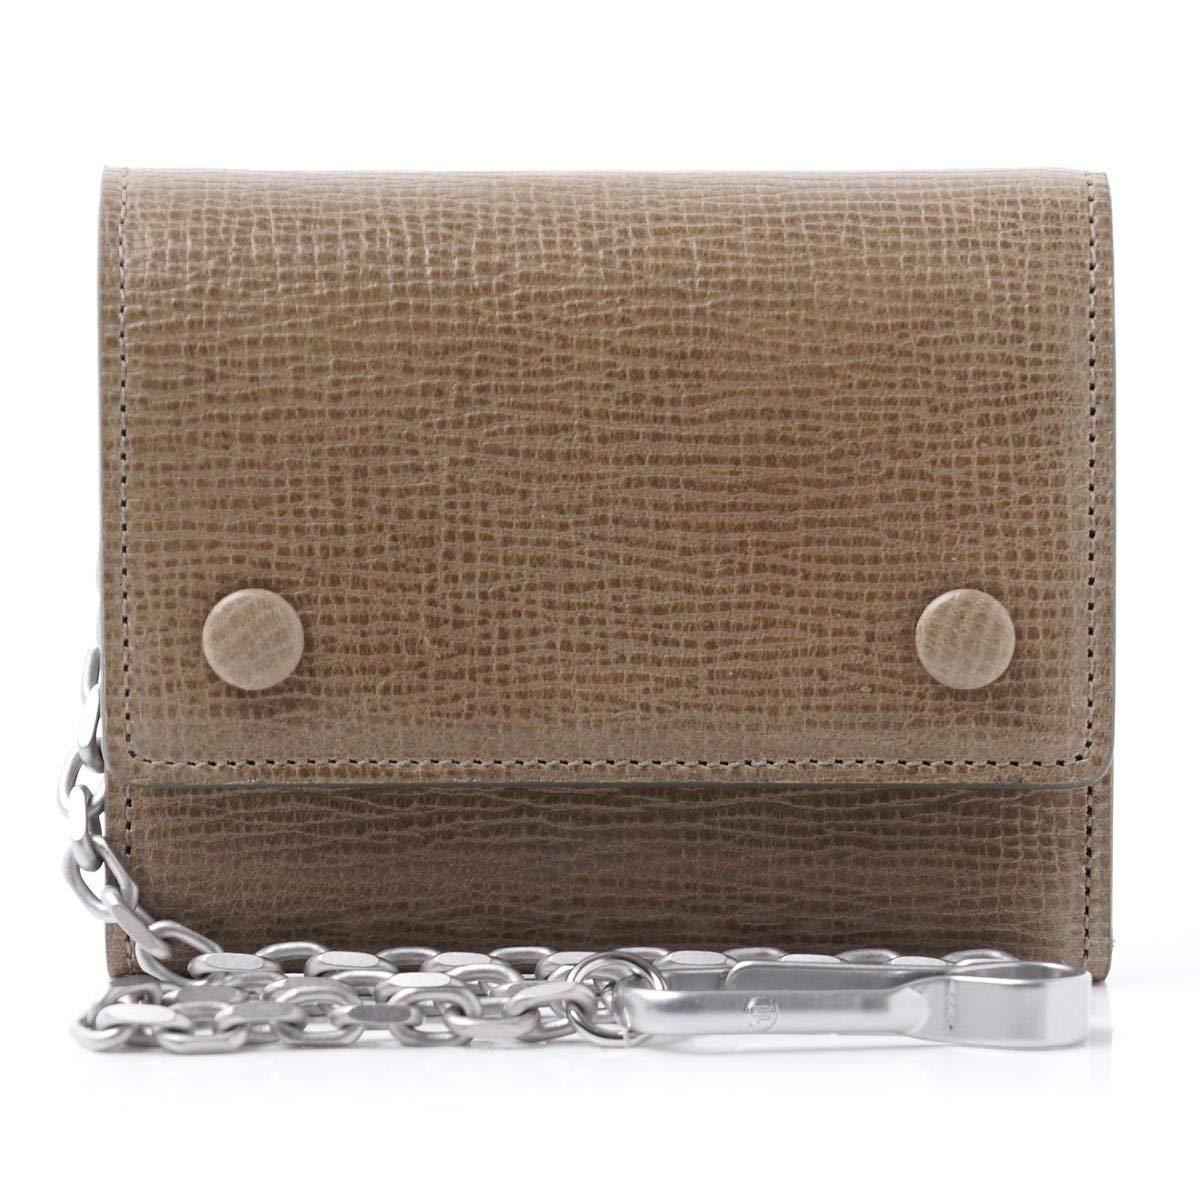 (メゾンマルジェラ) Maison Margiela 3つ折り 財布 小銭入れ付き 11 女性と男性のためのアクセサリーコレクション [並行輸入品] B07P93H49L